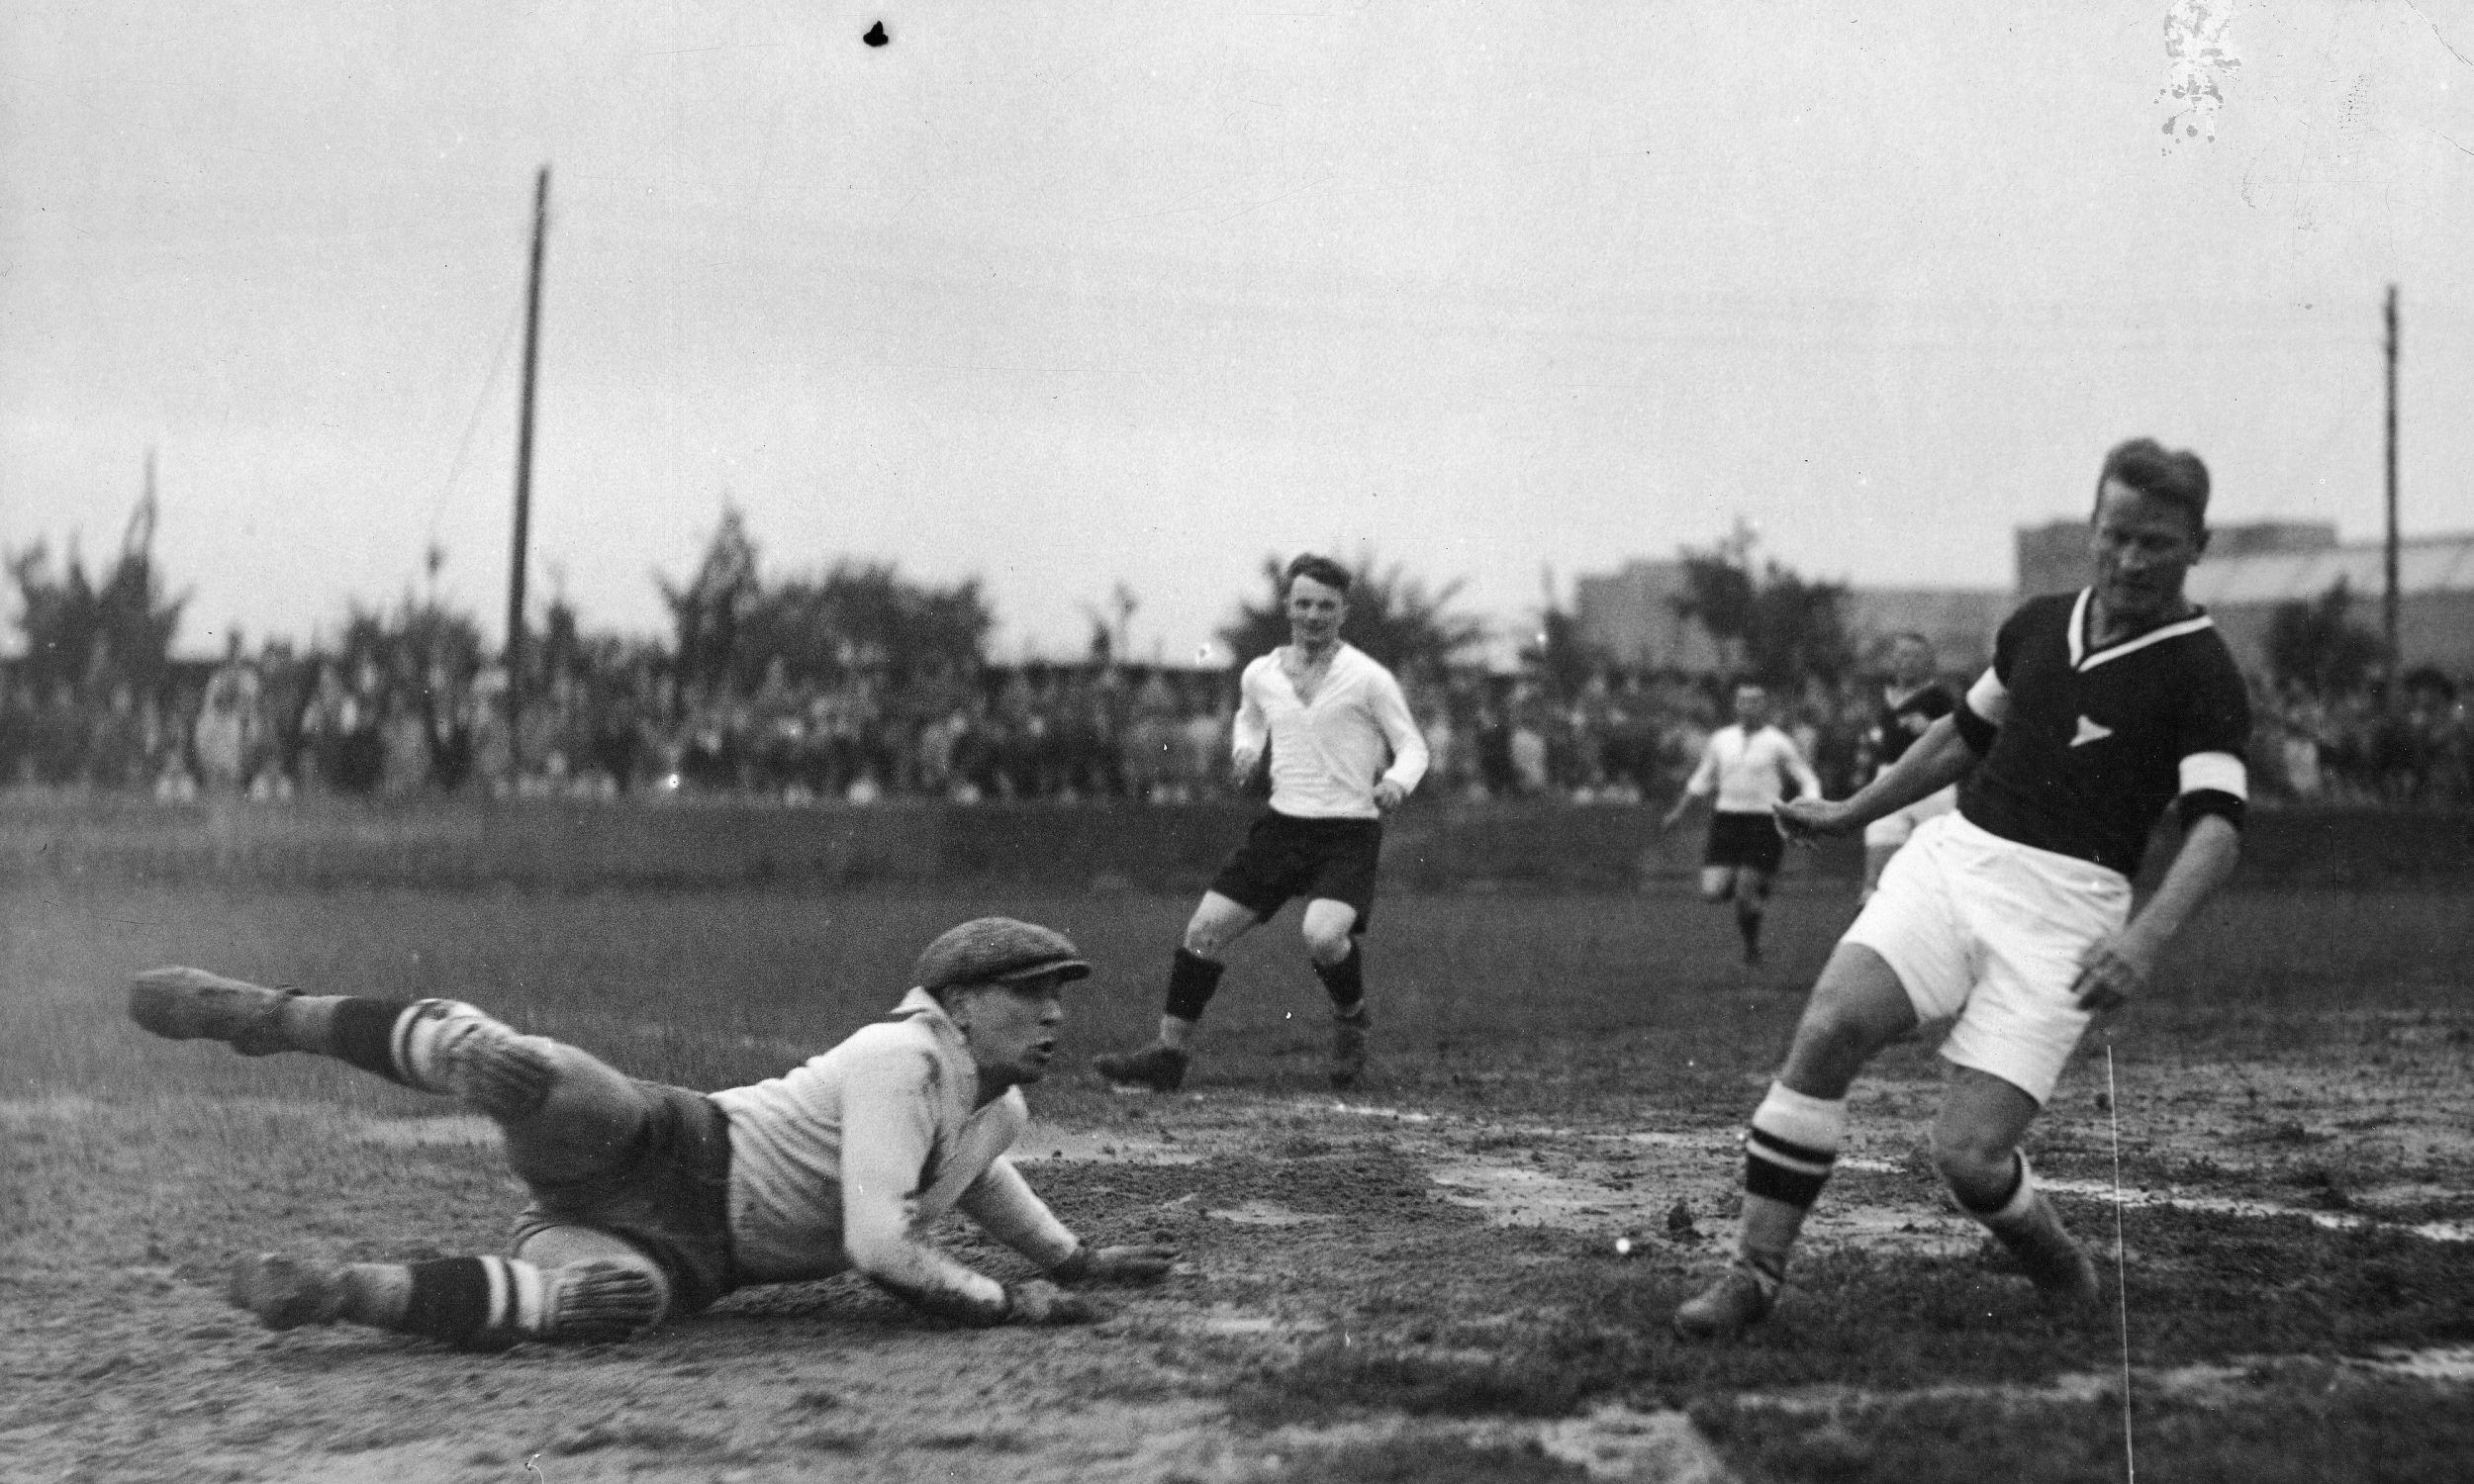 13 września 1931, akcja pod bramką Polonii. Od prawej widoczni: Jerzy Bułanow, Józef Nawrot, bramkarz Polonii Piotr Korniejewski. Fot. NAC/IKC